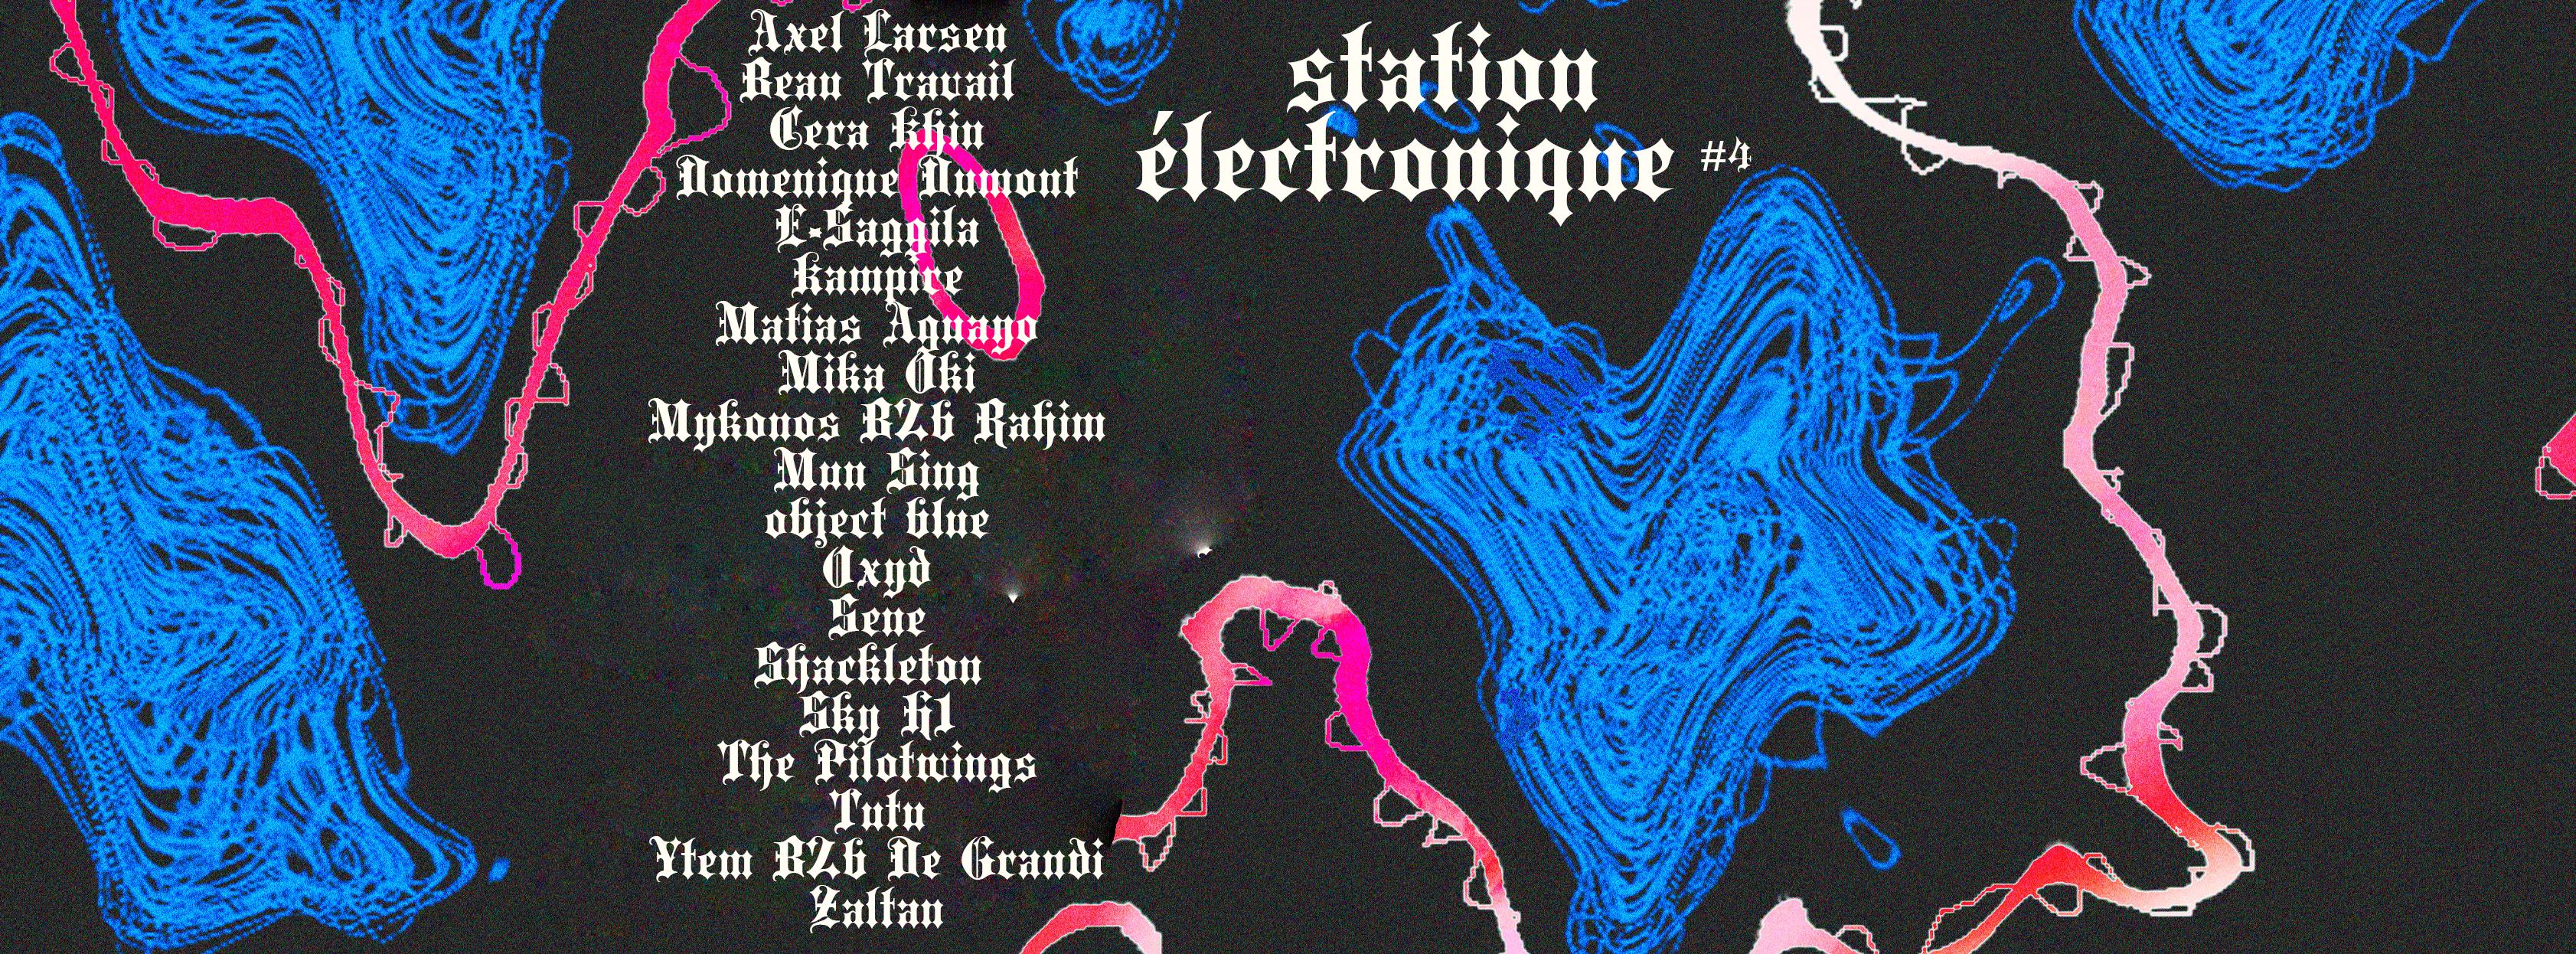 Pass Festival : Station électronique 4 — 2019